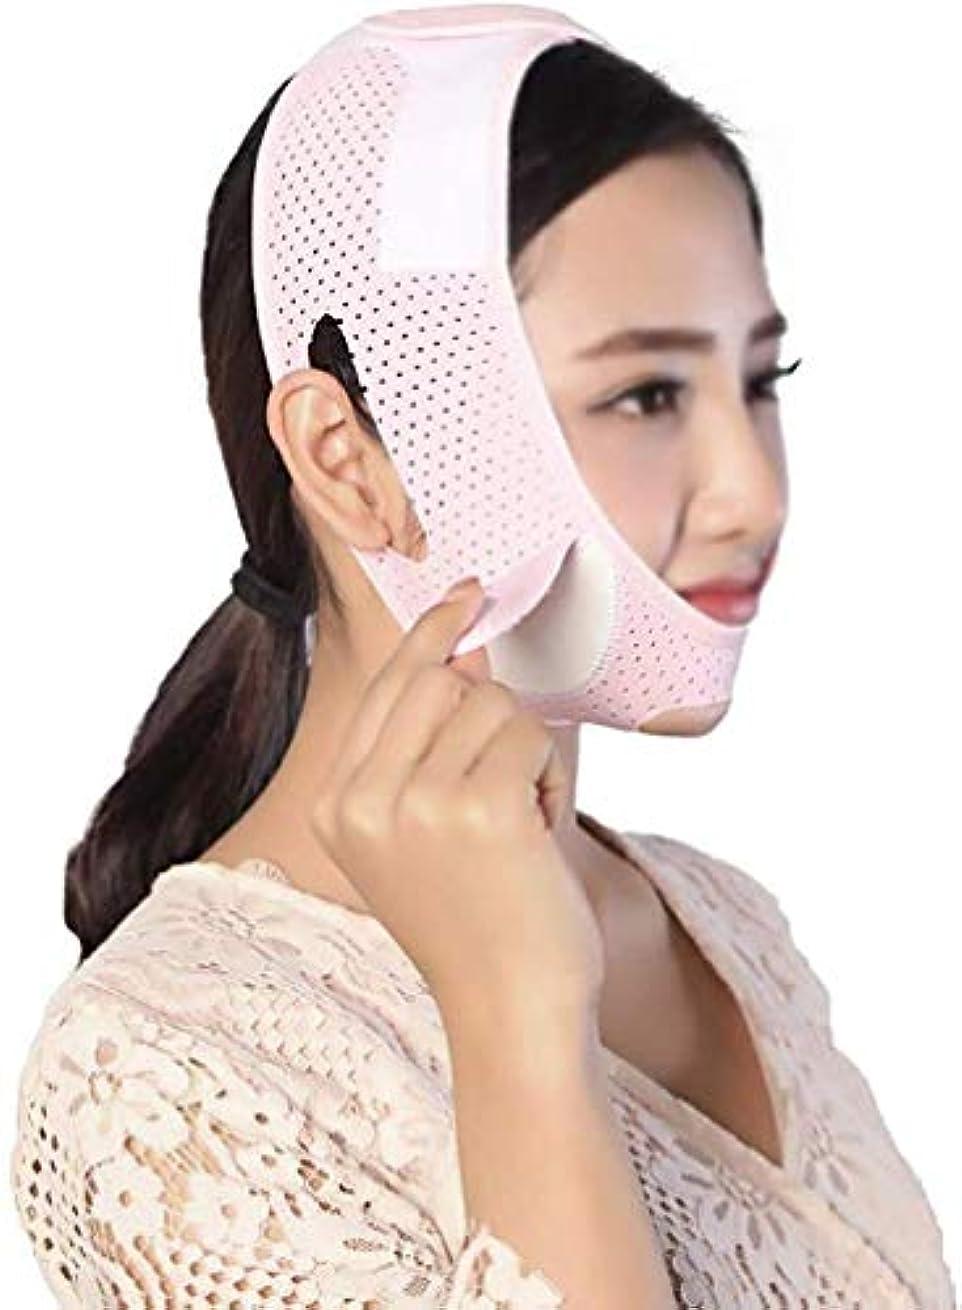 野心不機嫌そうな商品美しさと実用的な顔と首リフト術後弾性セットVフェイスマスクは、チンV顔アーティファクト回復サポートベルトの収縮の調整を強化します。